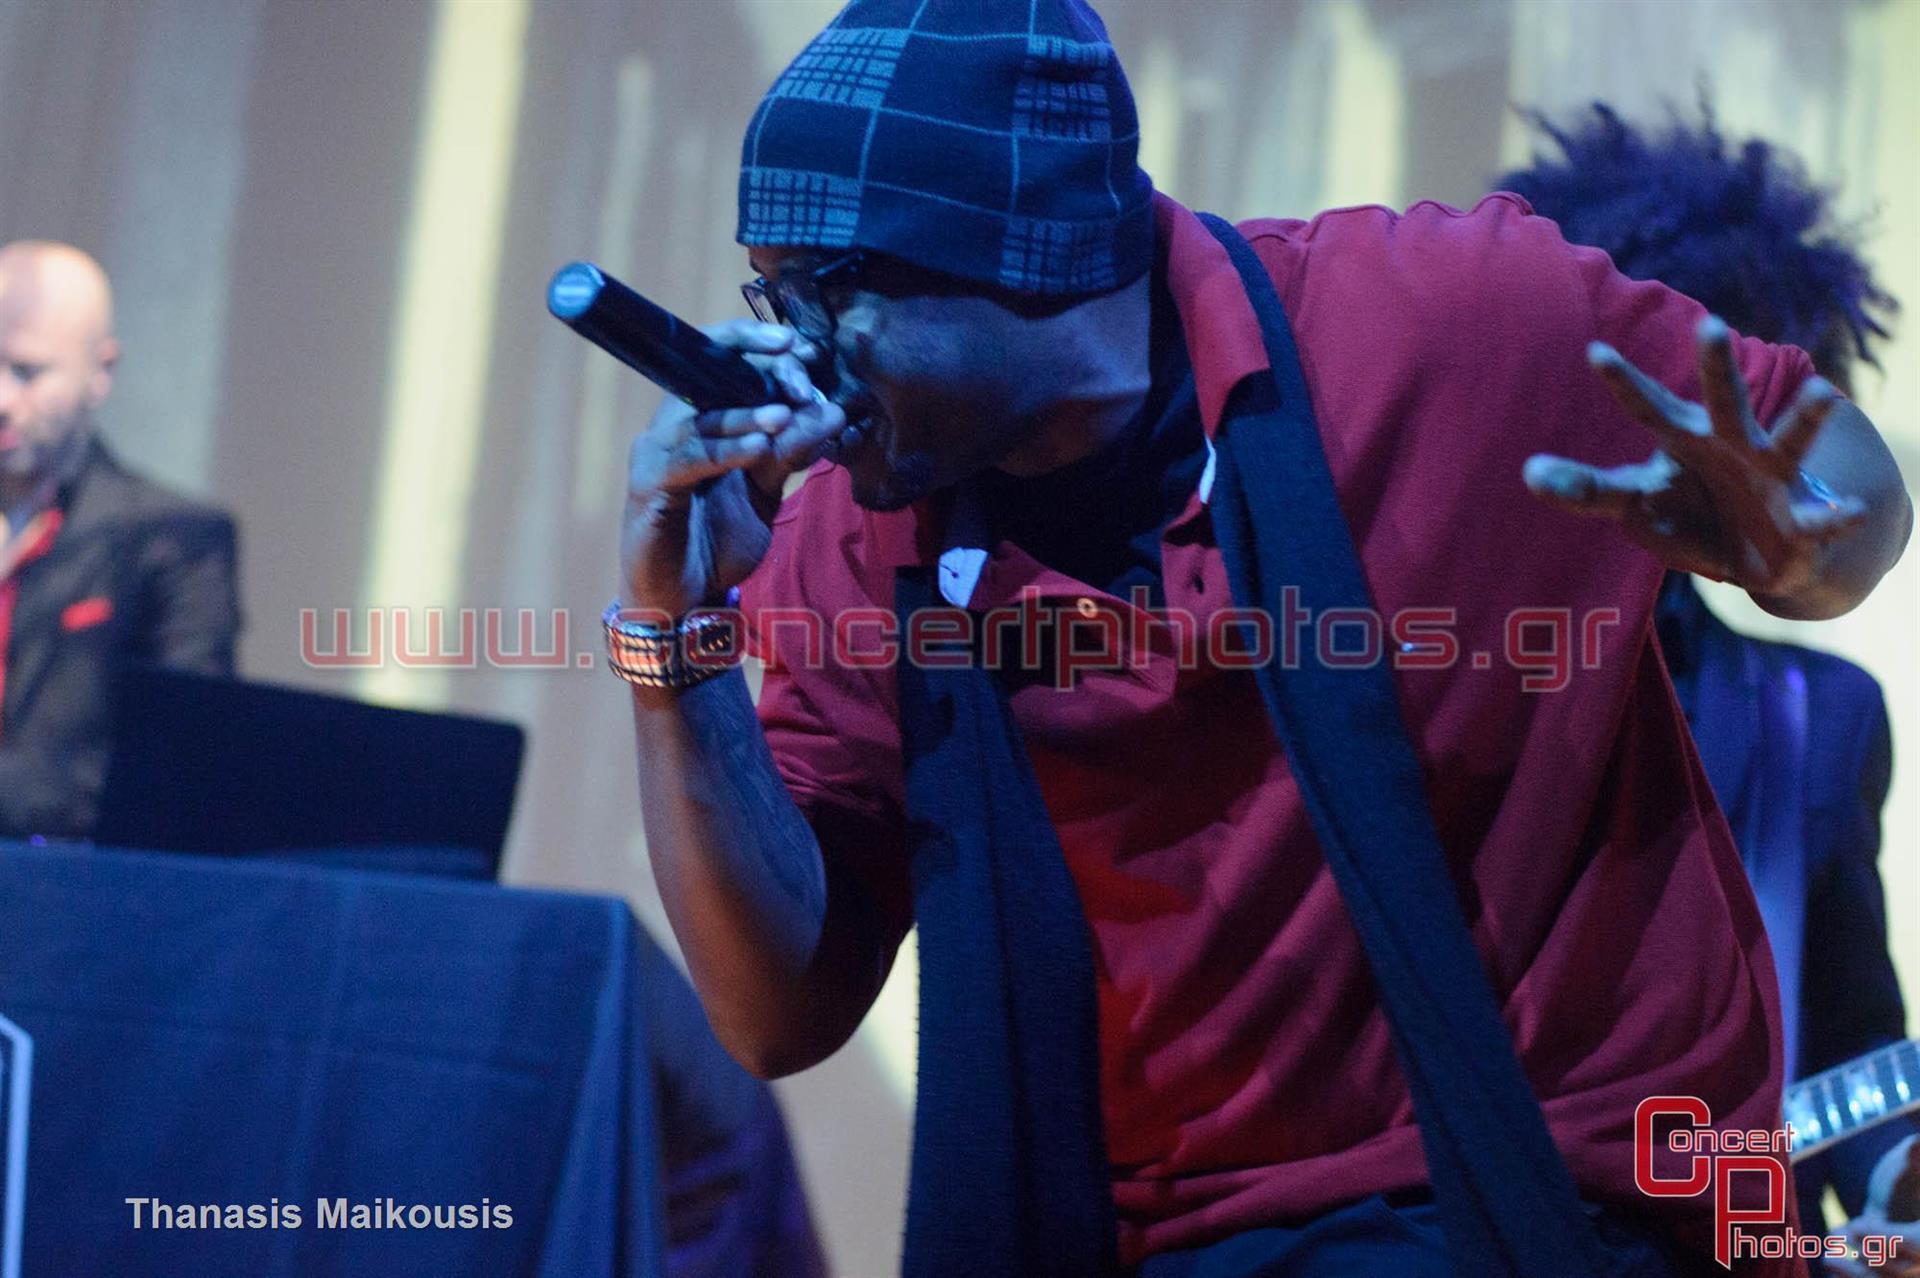 Wax Tailor - photographer: Thanasis Maikousis - ConcertPhotos-7795